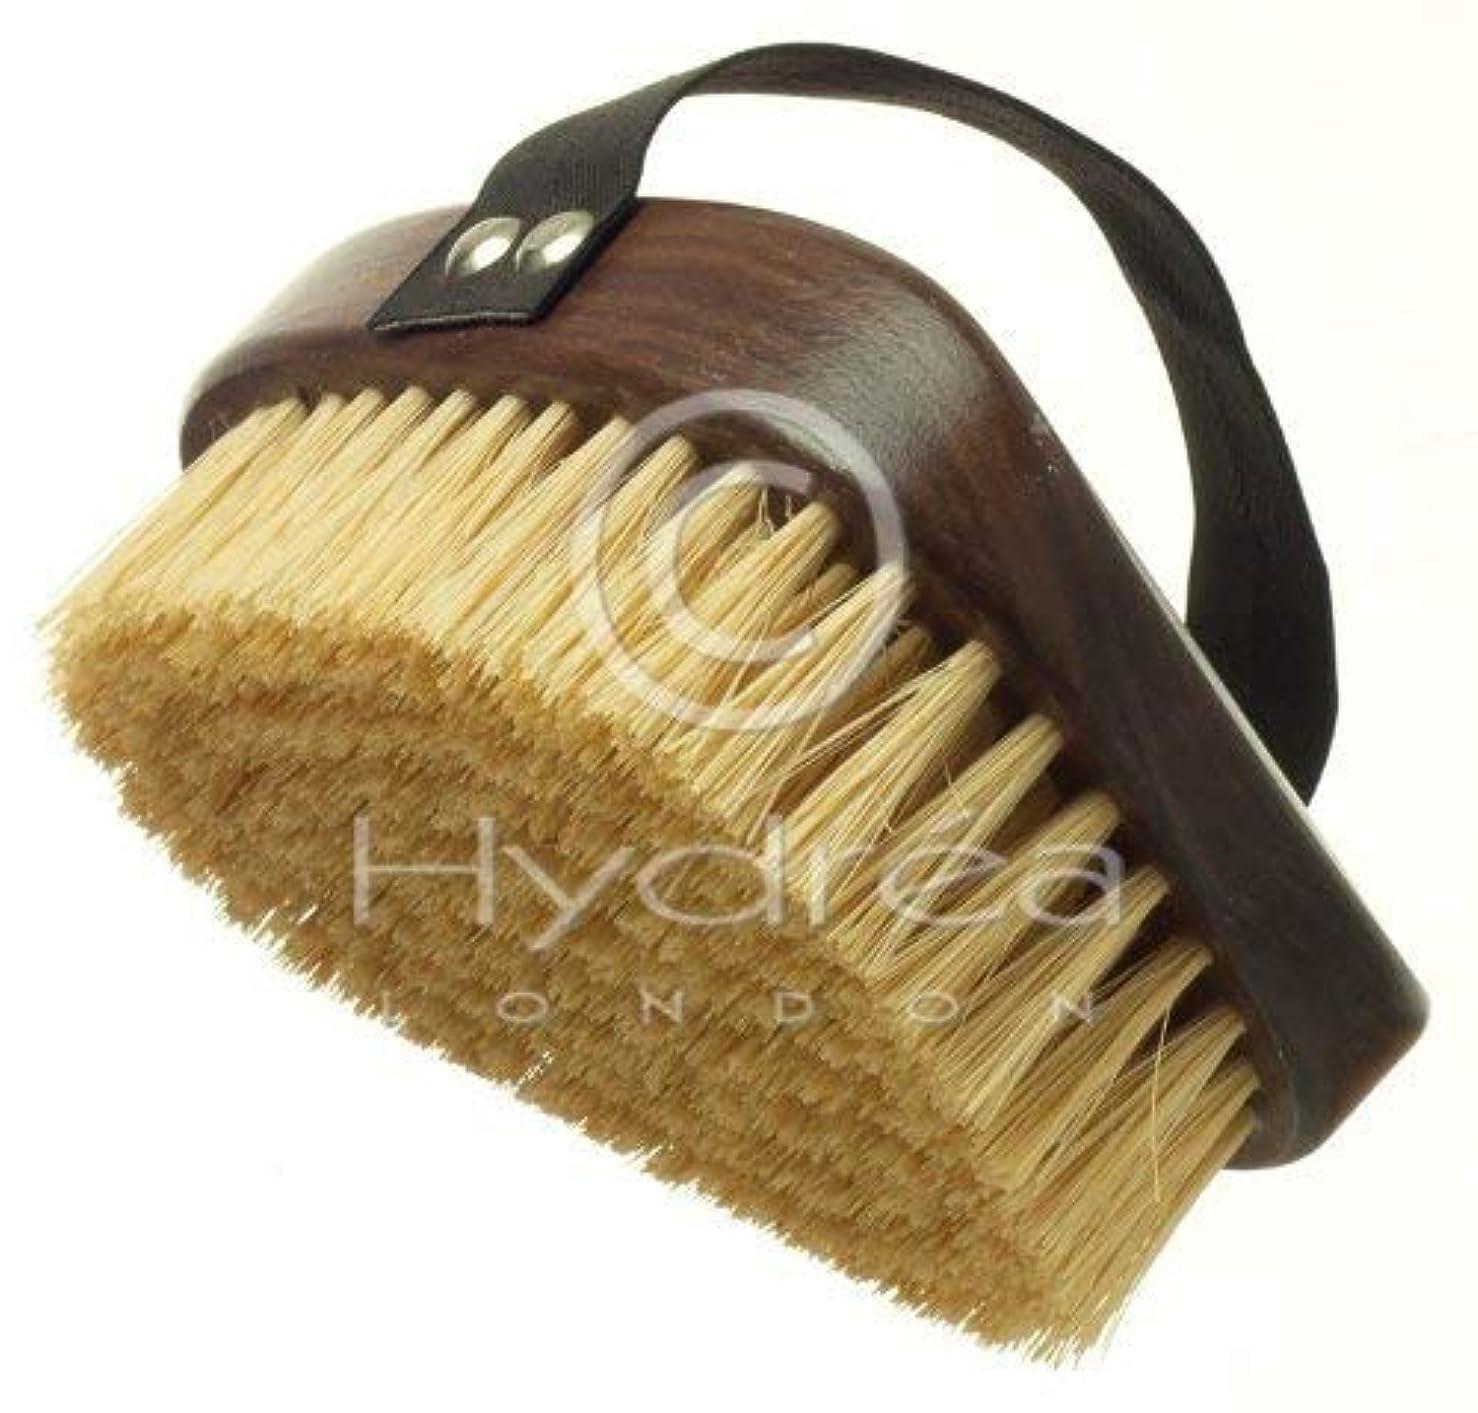 意図する横向き援助するHydrea London Walnut Wood Natural Bristle Body Brush WWS13NH